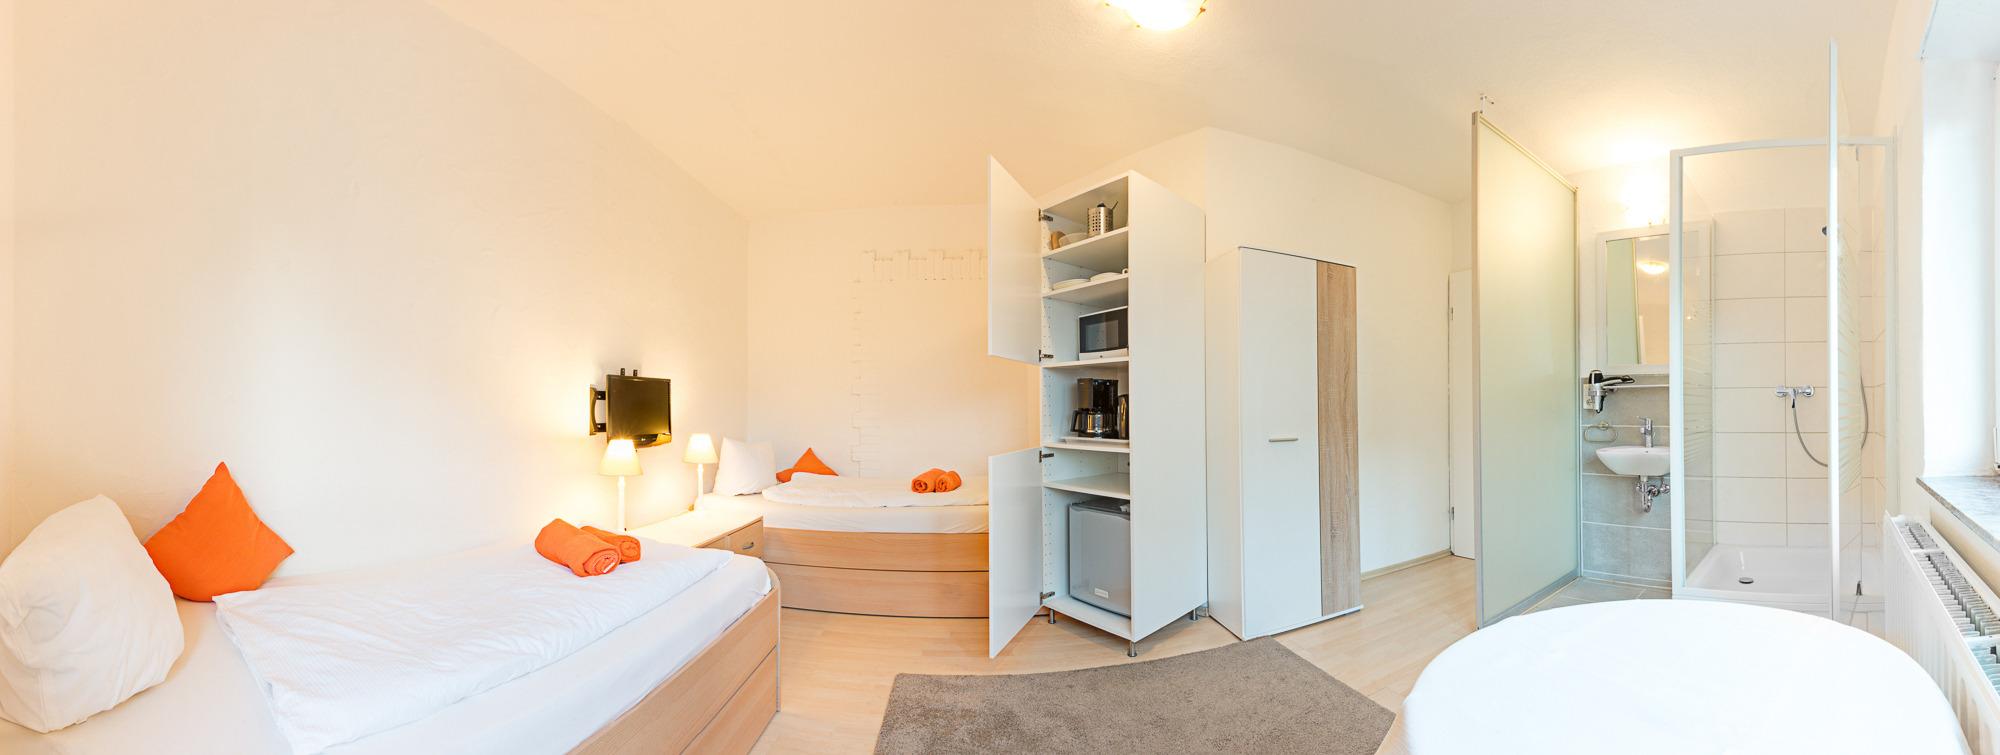 Ferienwohnung Economy Apartment (2027150), Fulda, Rhön (Hessen), Hessen, Deutschland, Bild 7